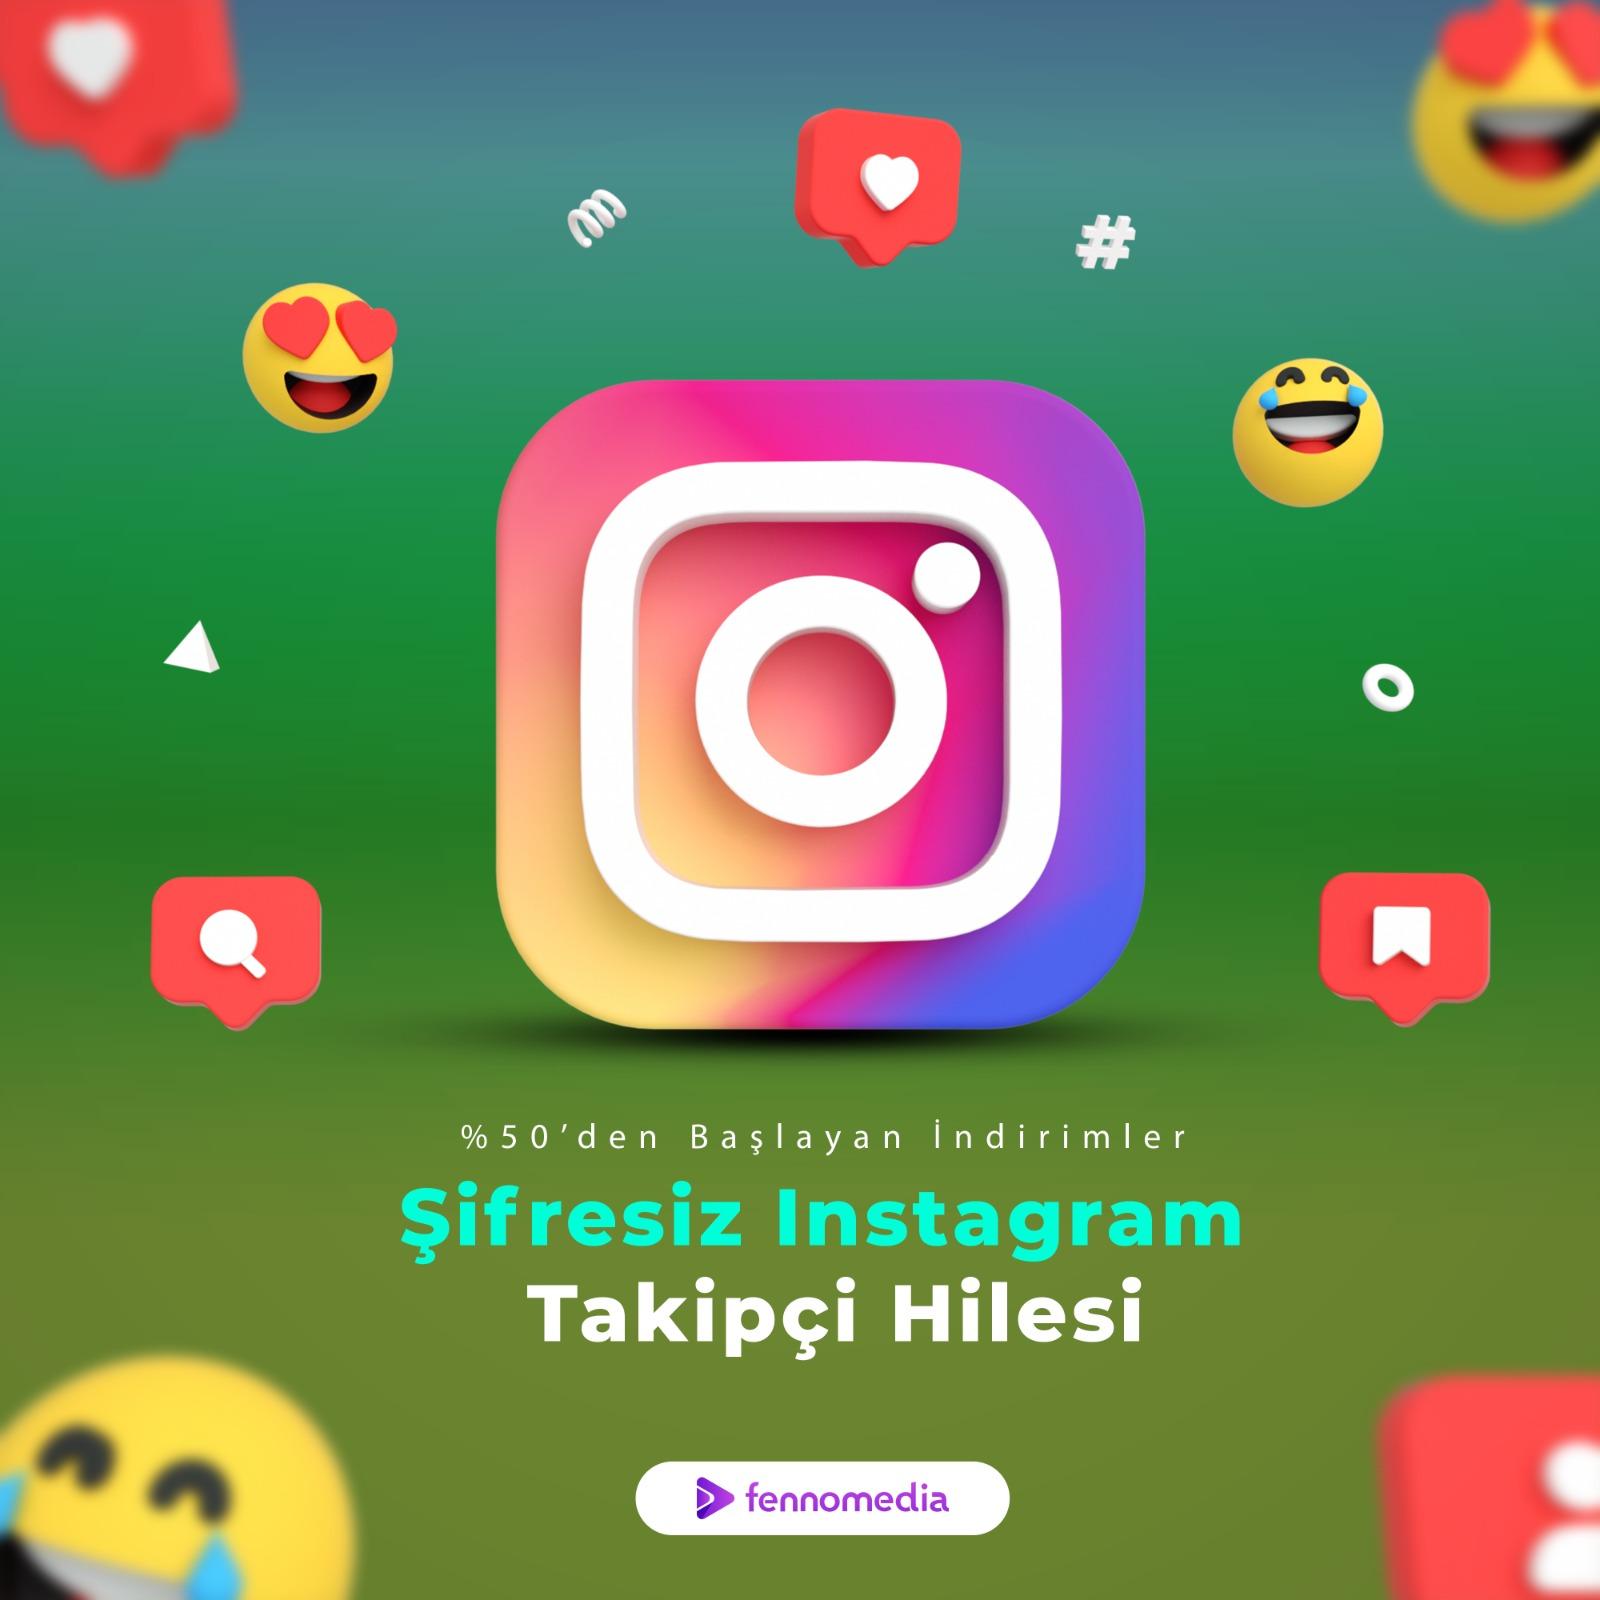 Şifresiz instagram takipçi hilesi